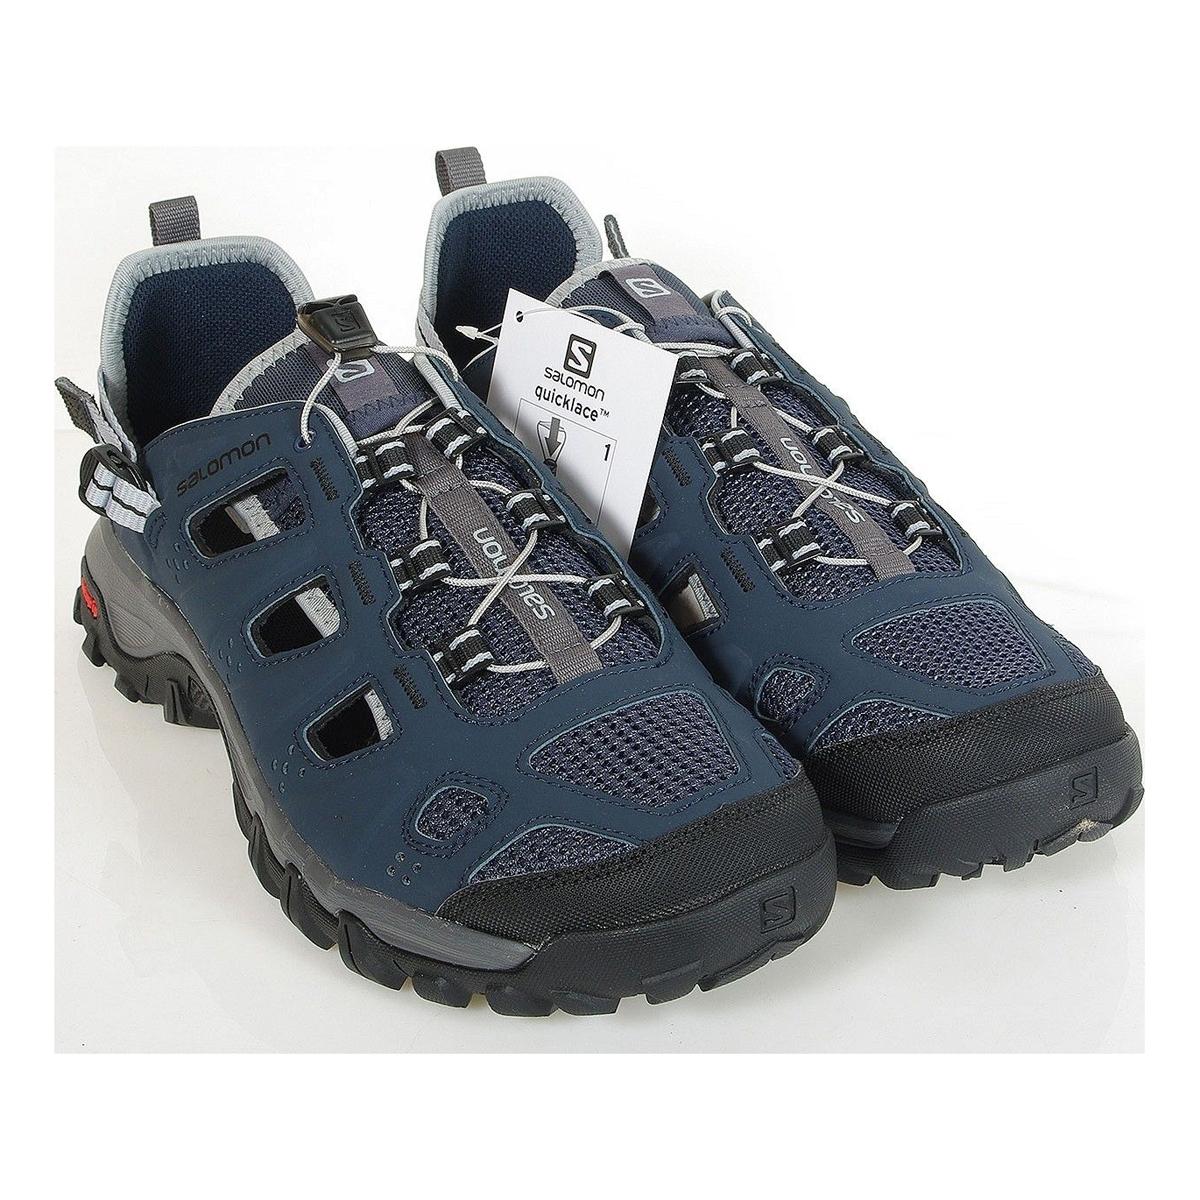 bdf115c7ee91 ... Image of Salomon Evasion Cabrio Shoes (Men s) - Deep Blue Dark Cloud   ...